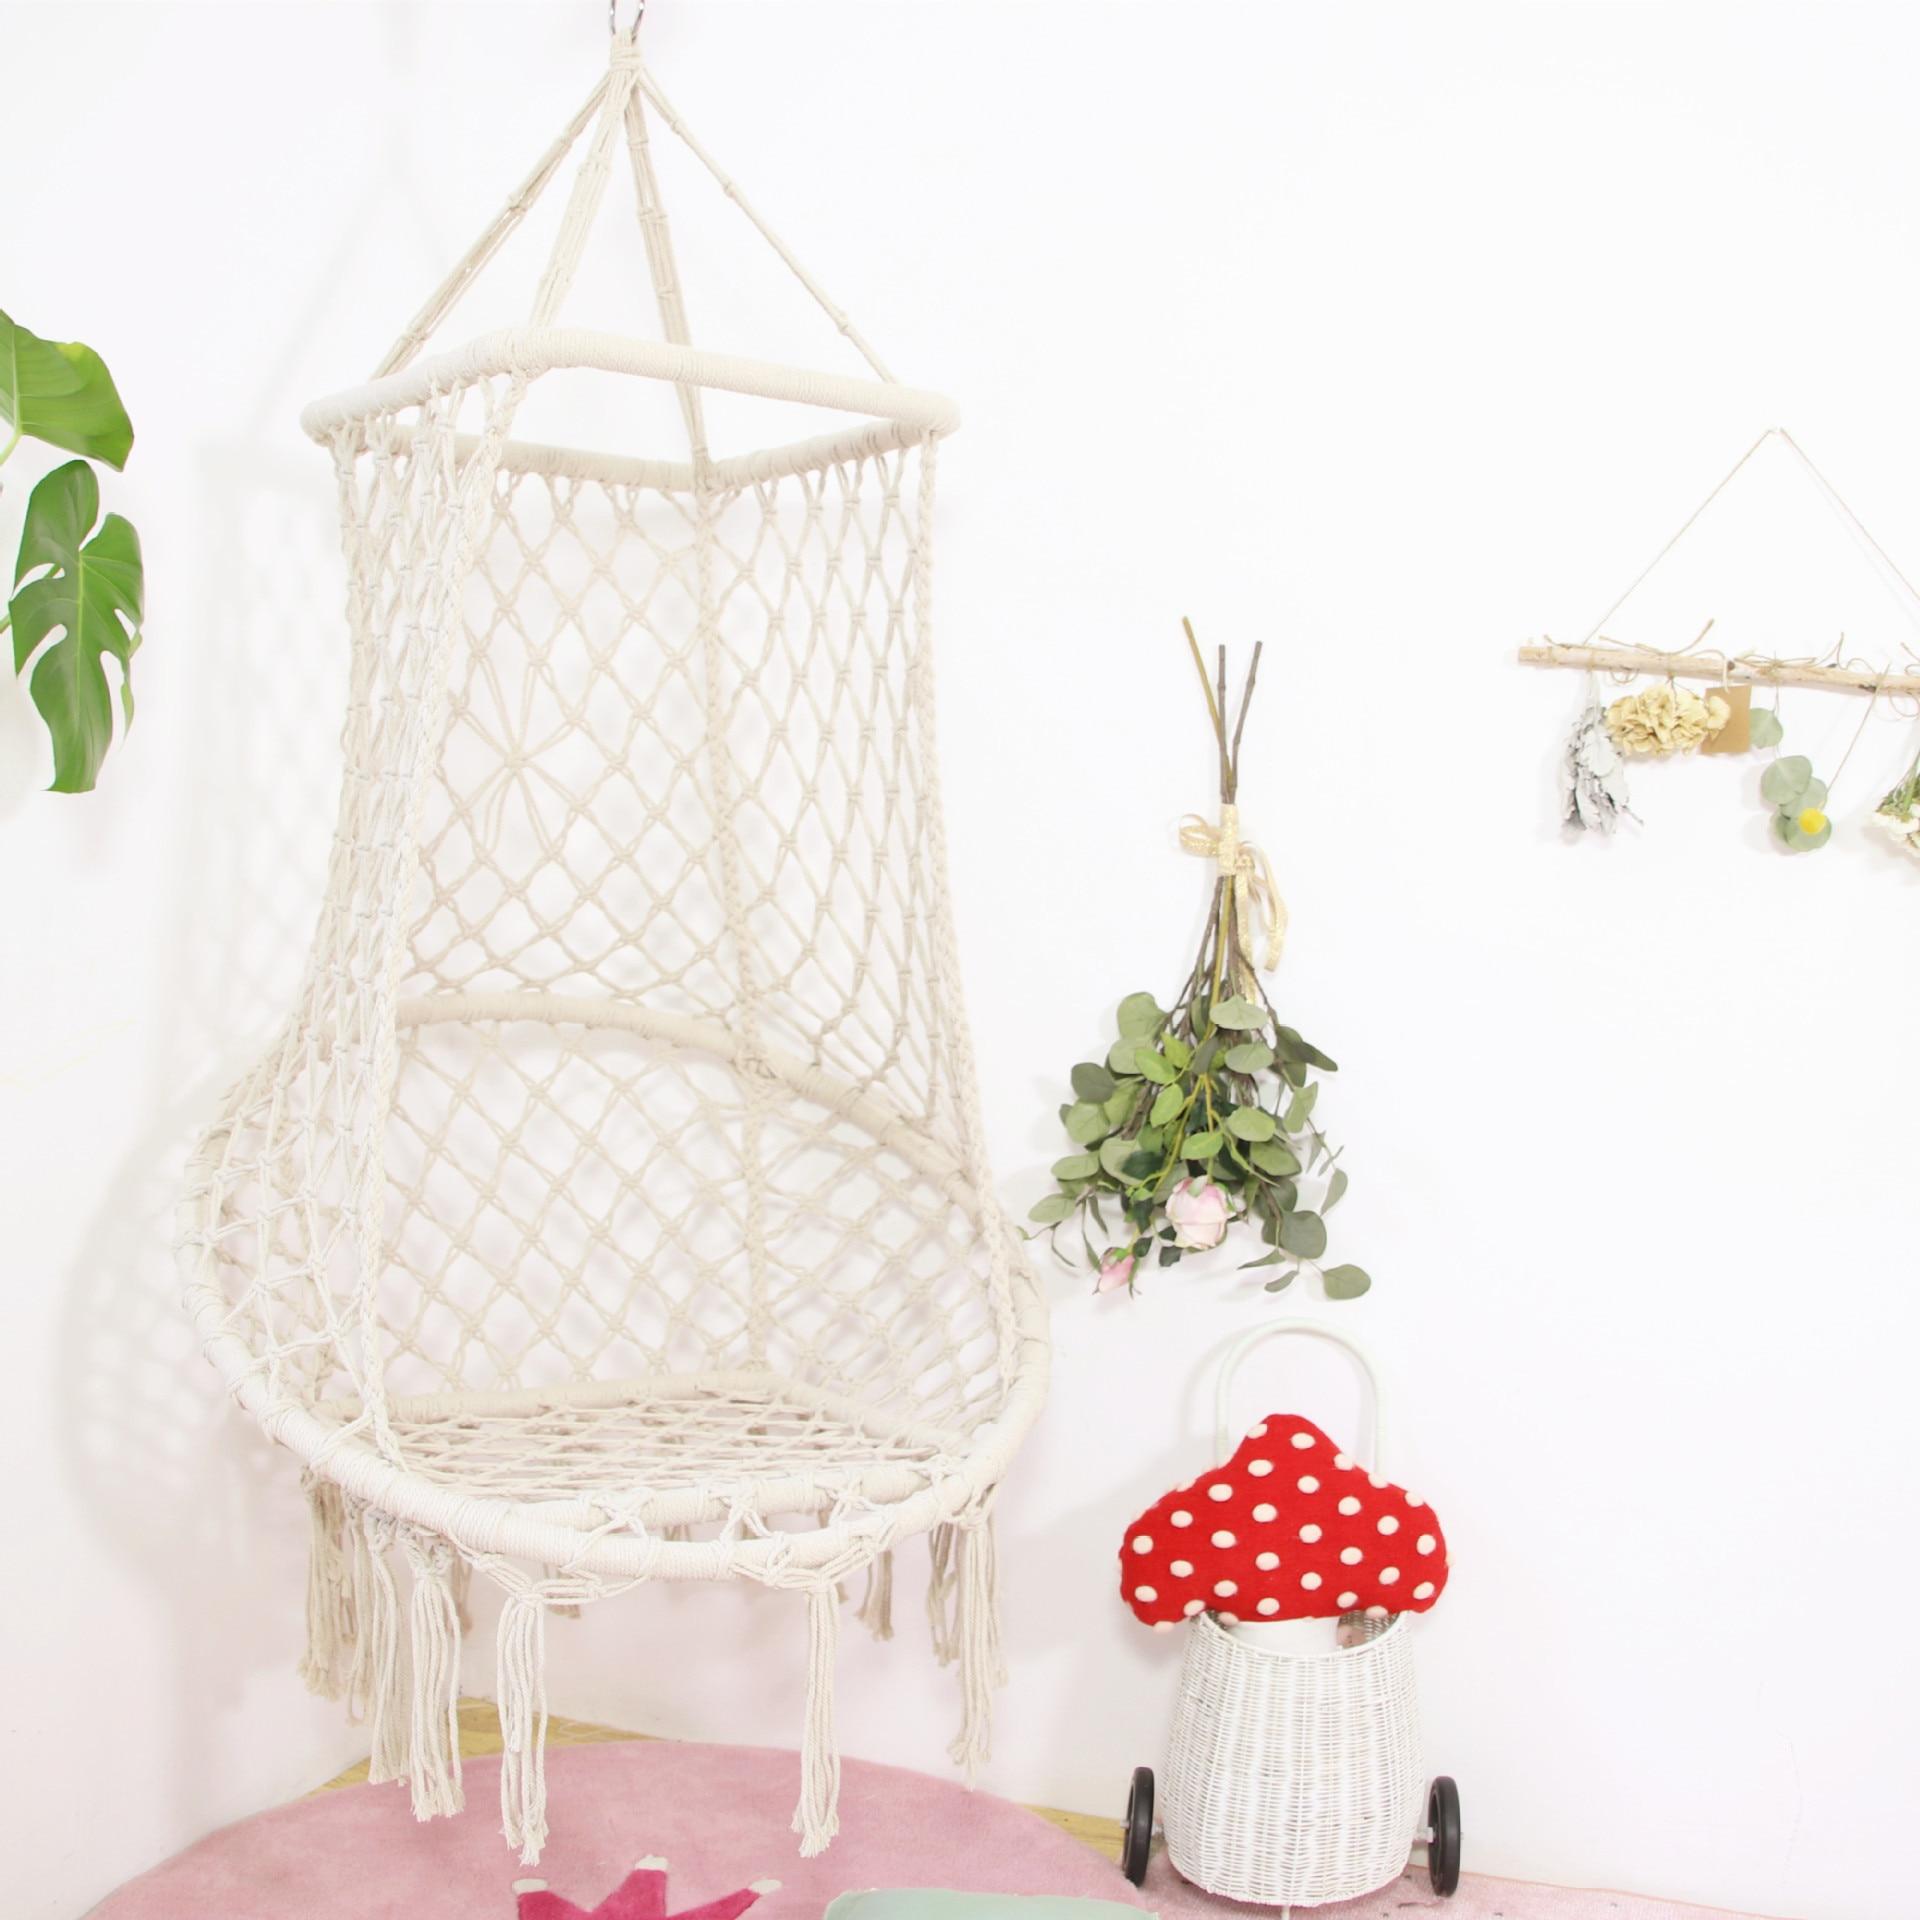 Style nordique suspendu corde hamac chaise coton suspendu macramé hamac balançoire chaise idéal pour intérieur enfants chambre jardin